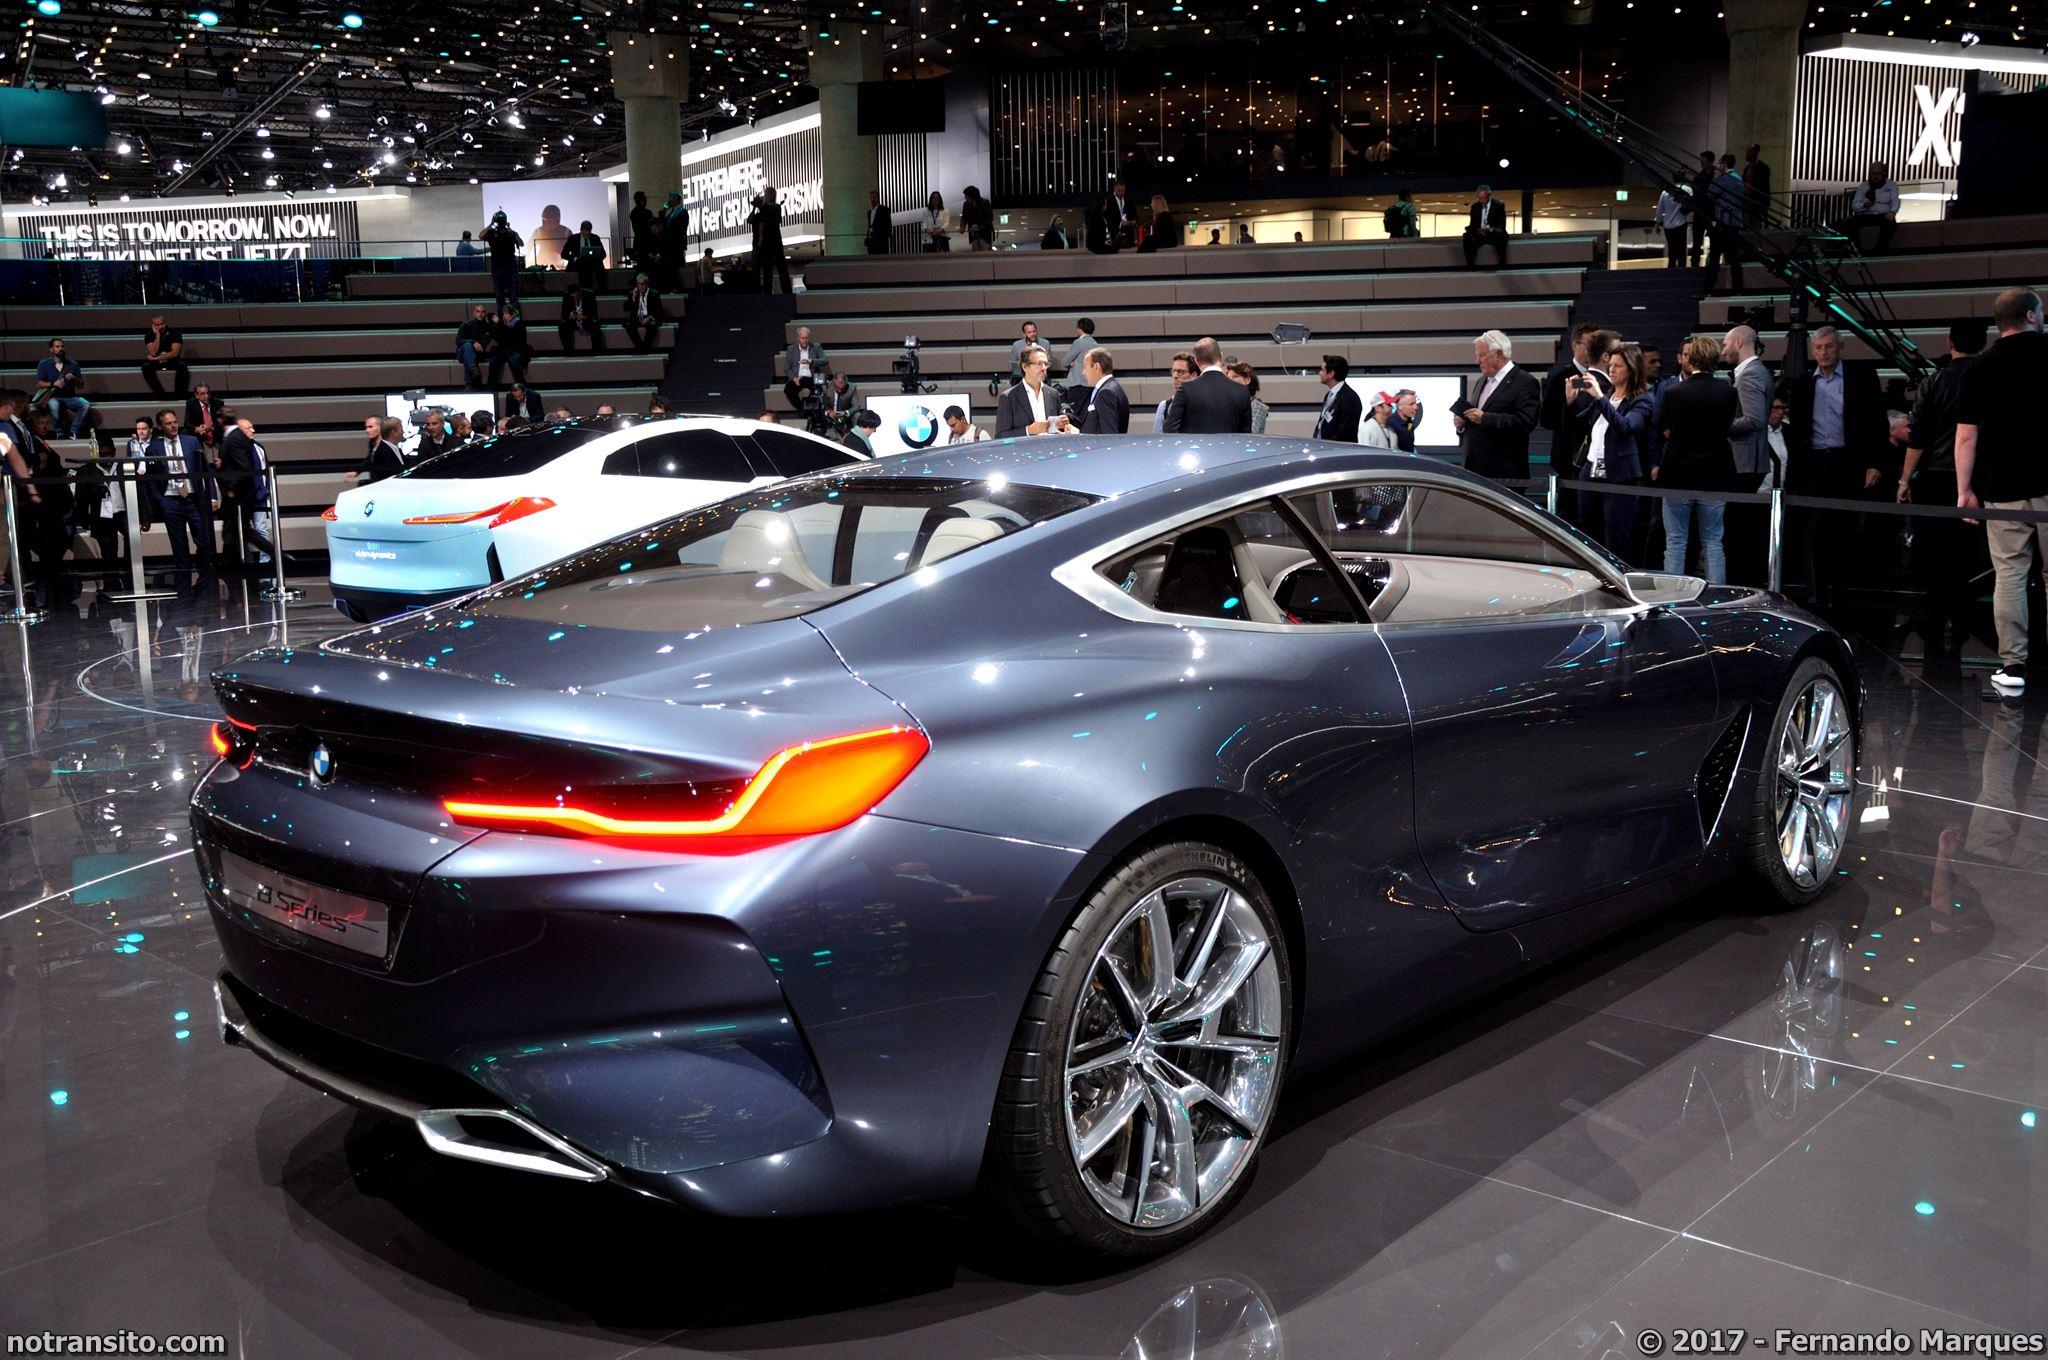 BMW 8-Series Concept no Salão de Frankfurt 2017.  Foto: Fernando Marques